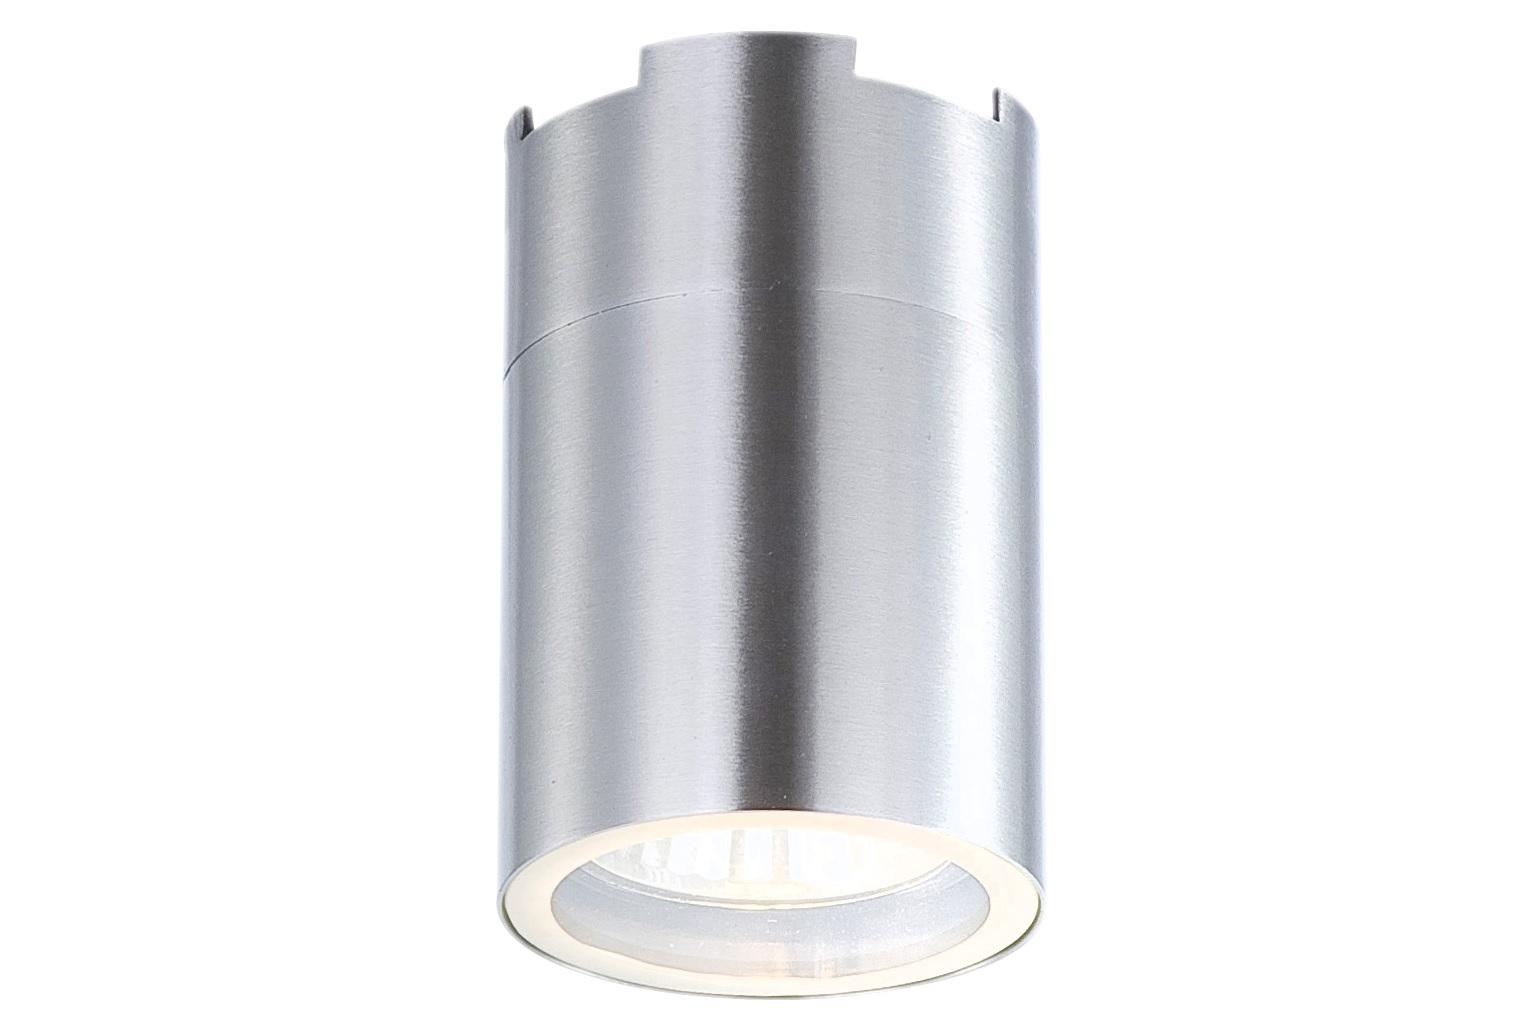 Светильник уличный настенныйУличные настенные светильники<br>&amp;lt;div&amp;gt;&amp;lt;div&amp;gt;Вид цоколя: GU10&amp;lt;/div&amp;gt;&amp;lt;div&amp;gt;Мощность лампы: 35W&amp;lt;/div&amp;gt;&amp;lt;div&amp;gt;Количество ламп: 1&amp;lt;/div&amp;gt;&amp;lt;/div&amp;gt;<br><br>Material: Металл<br>Height см: 9<br>Diameter см: 6